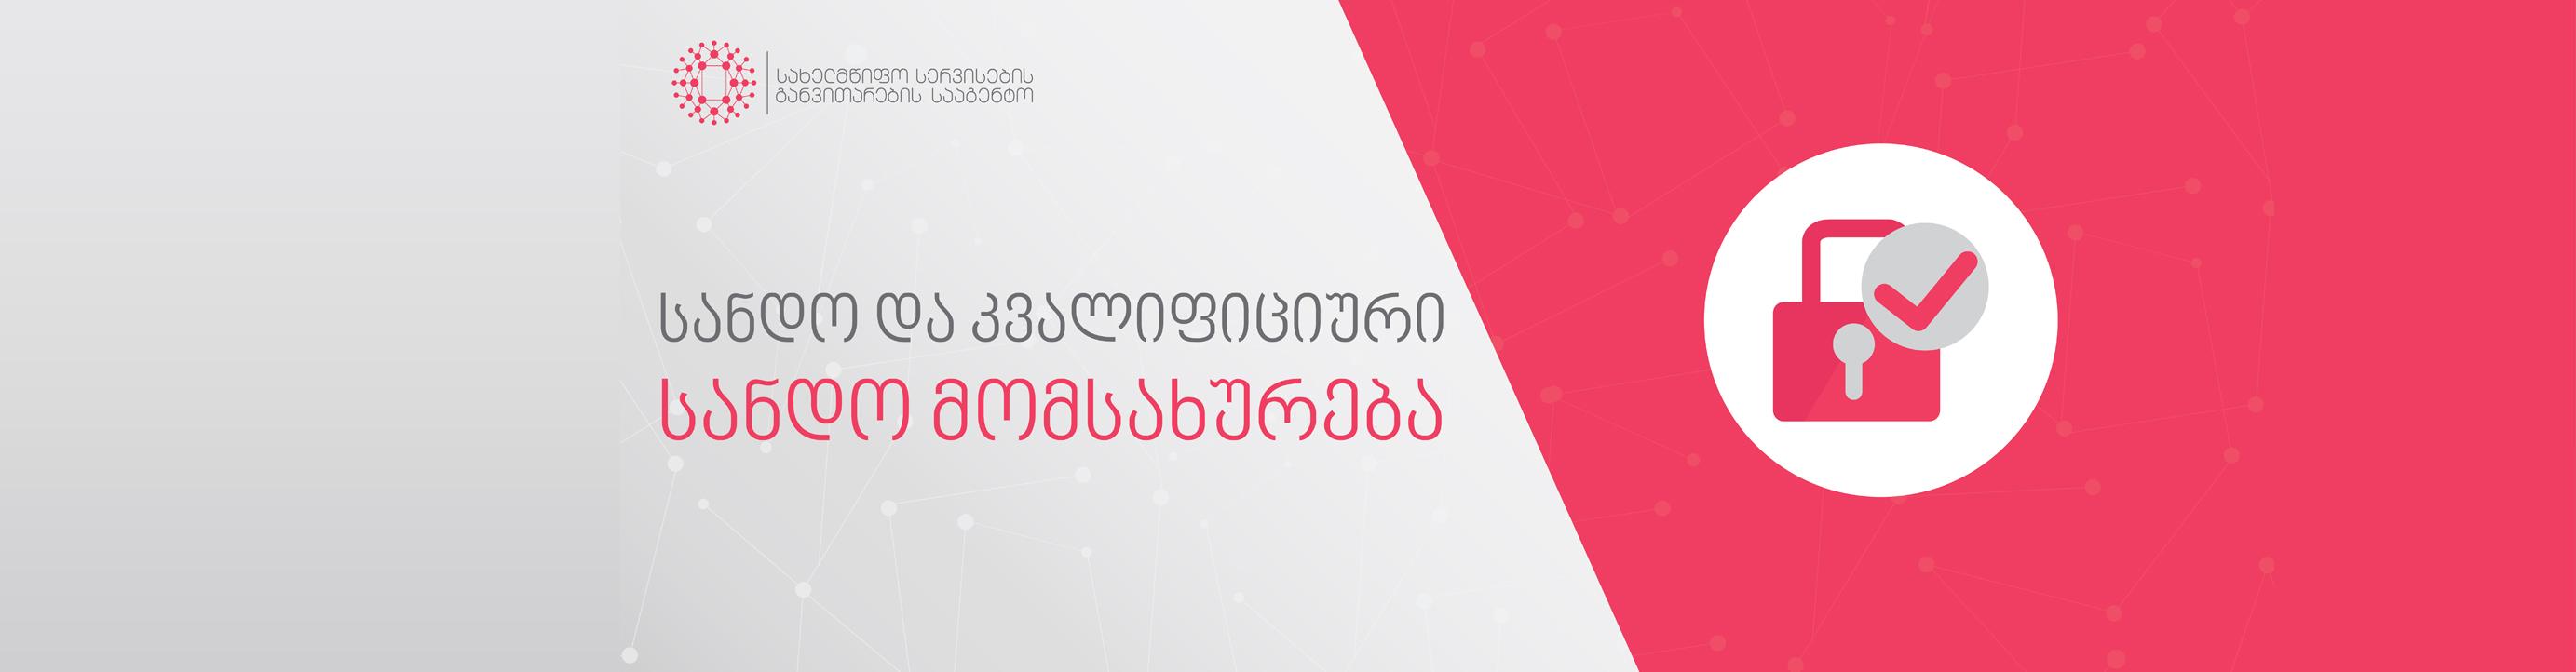 site-01-02